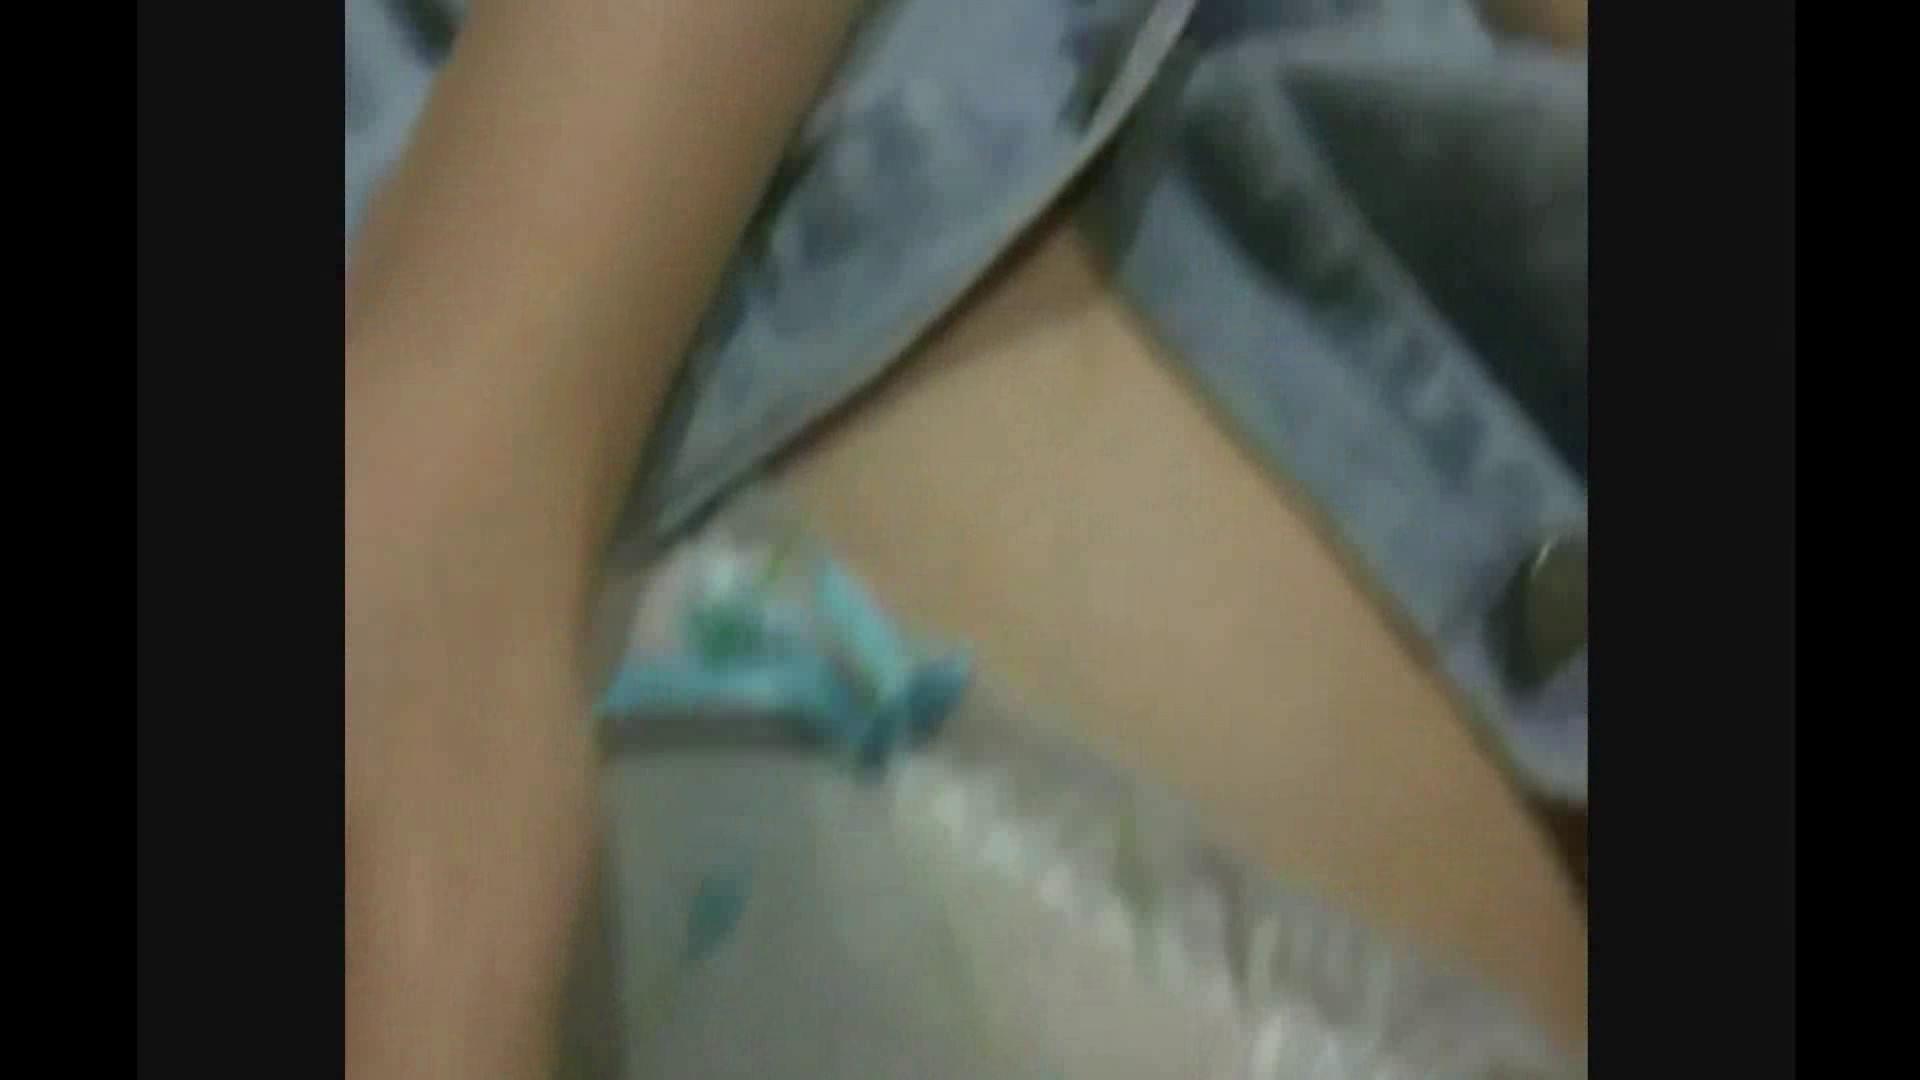 淫乱オナニー百花繚乱 Vol.01 オナニー スケベ動画紹介 69連発 69